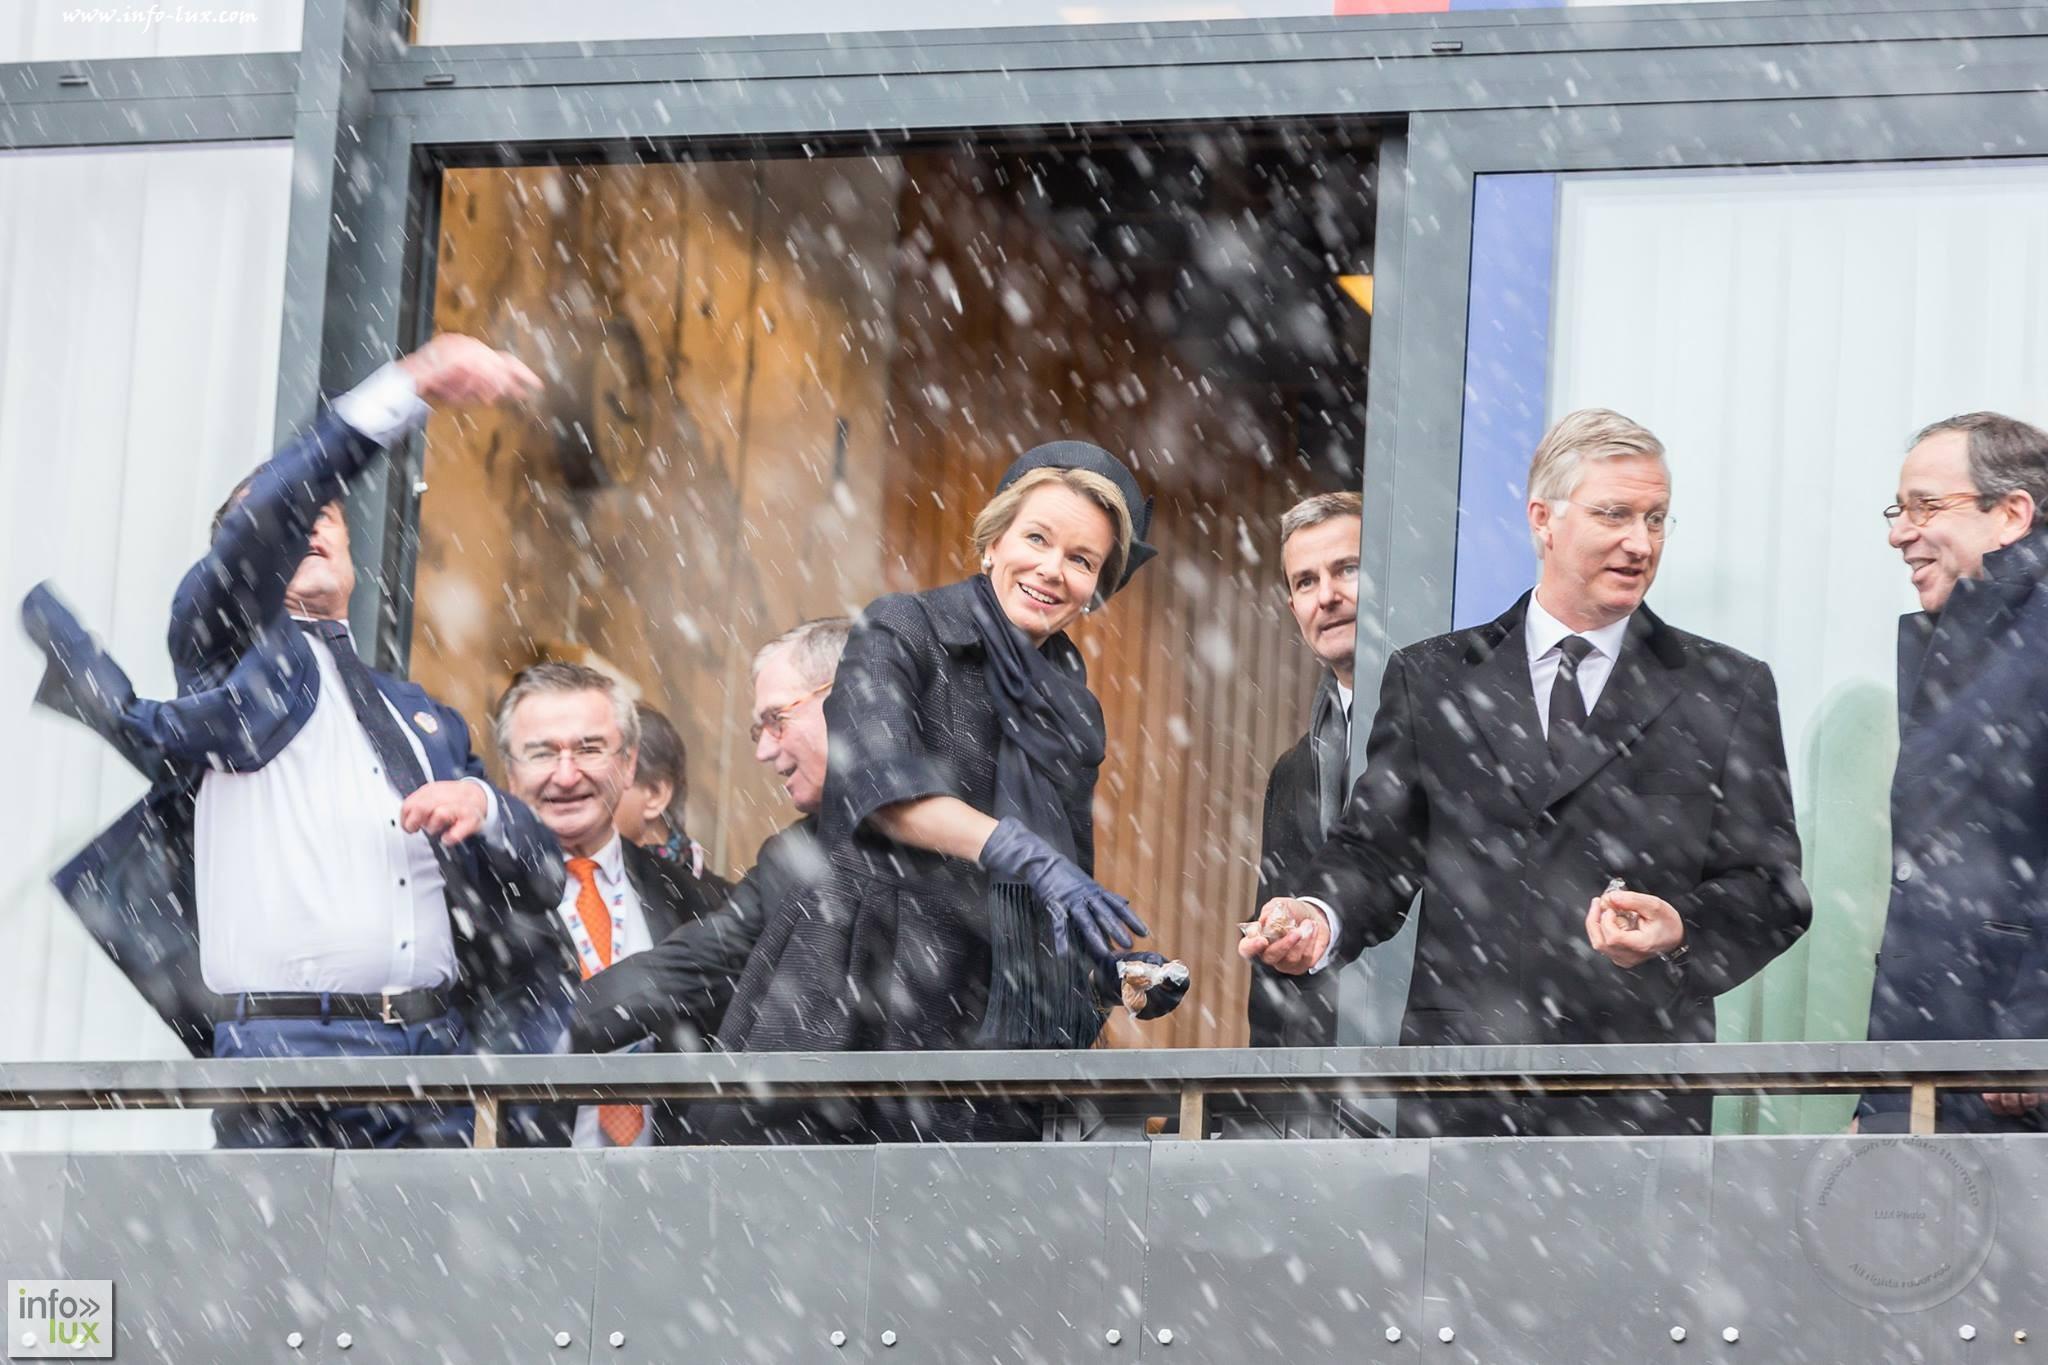 images/stories/PHOTOSREP/Bastogne/70ansMarc1/infoluxBasto018